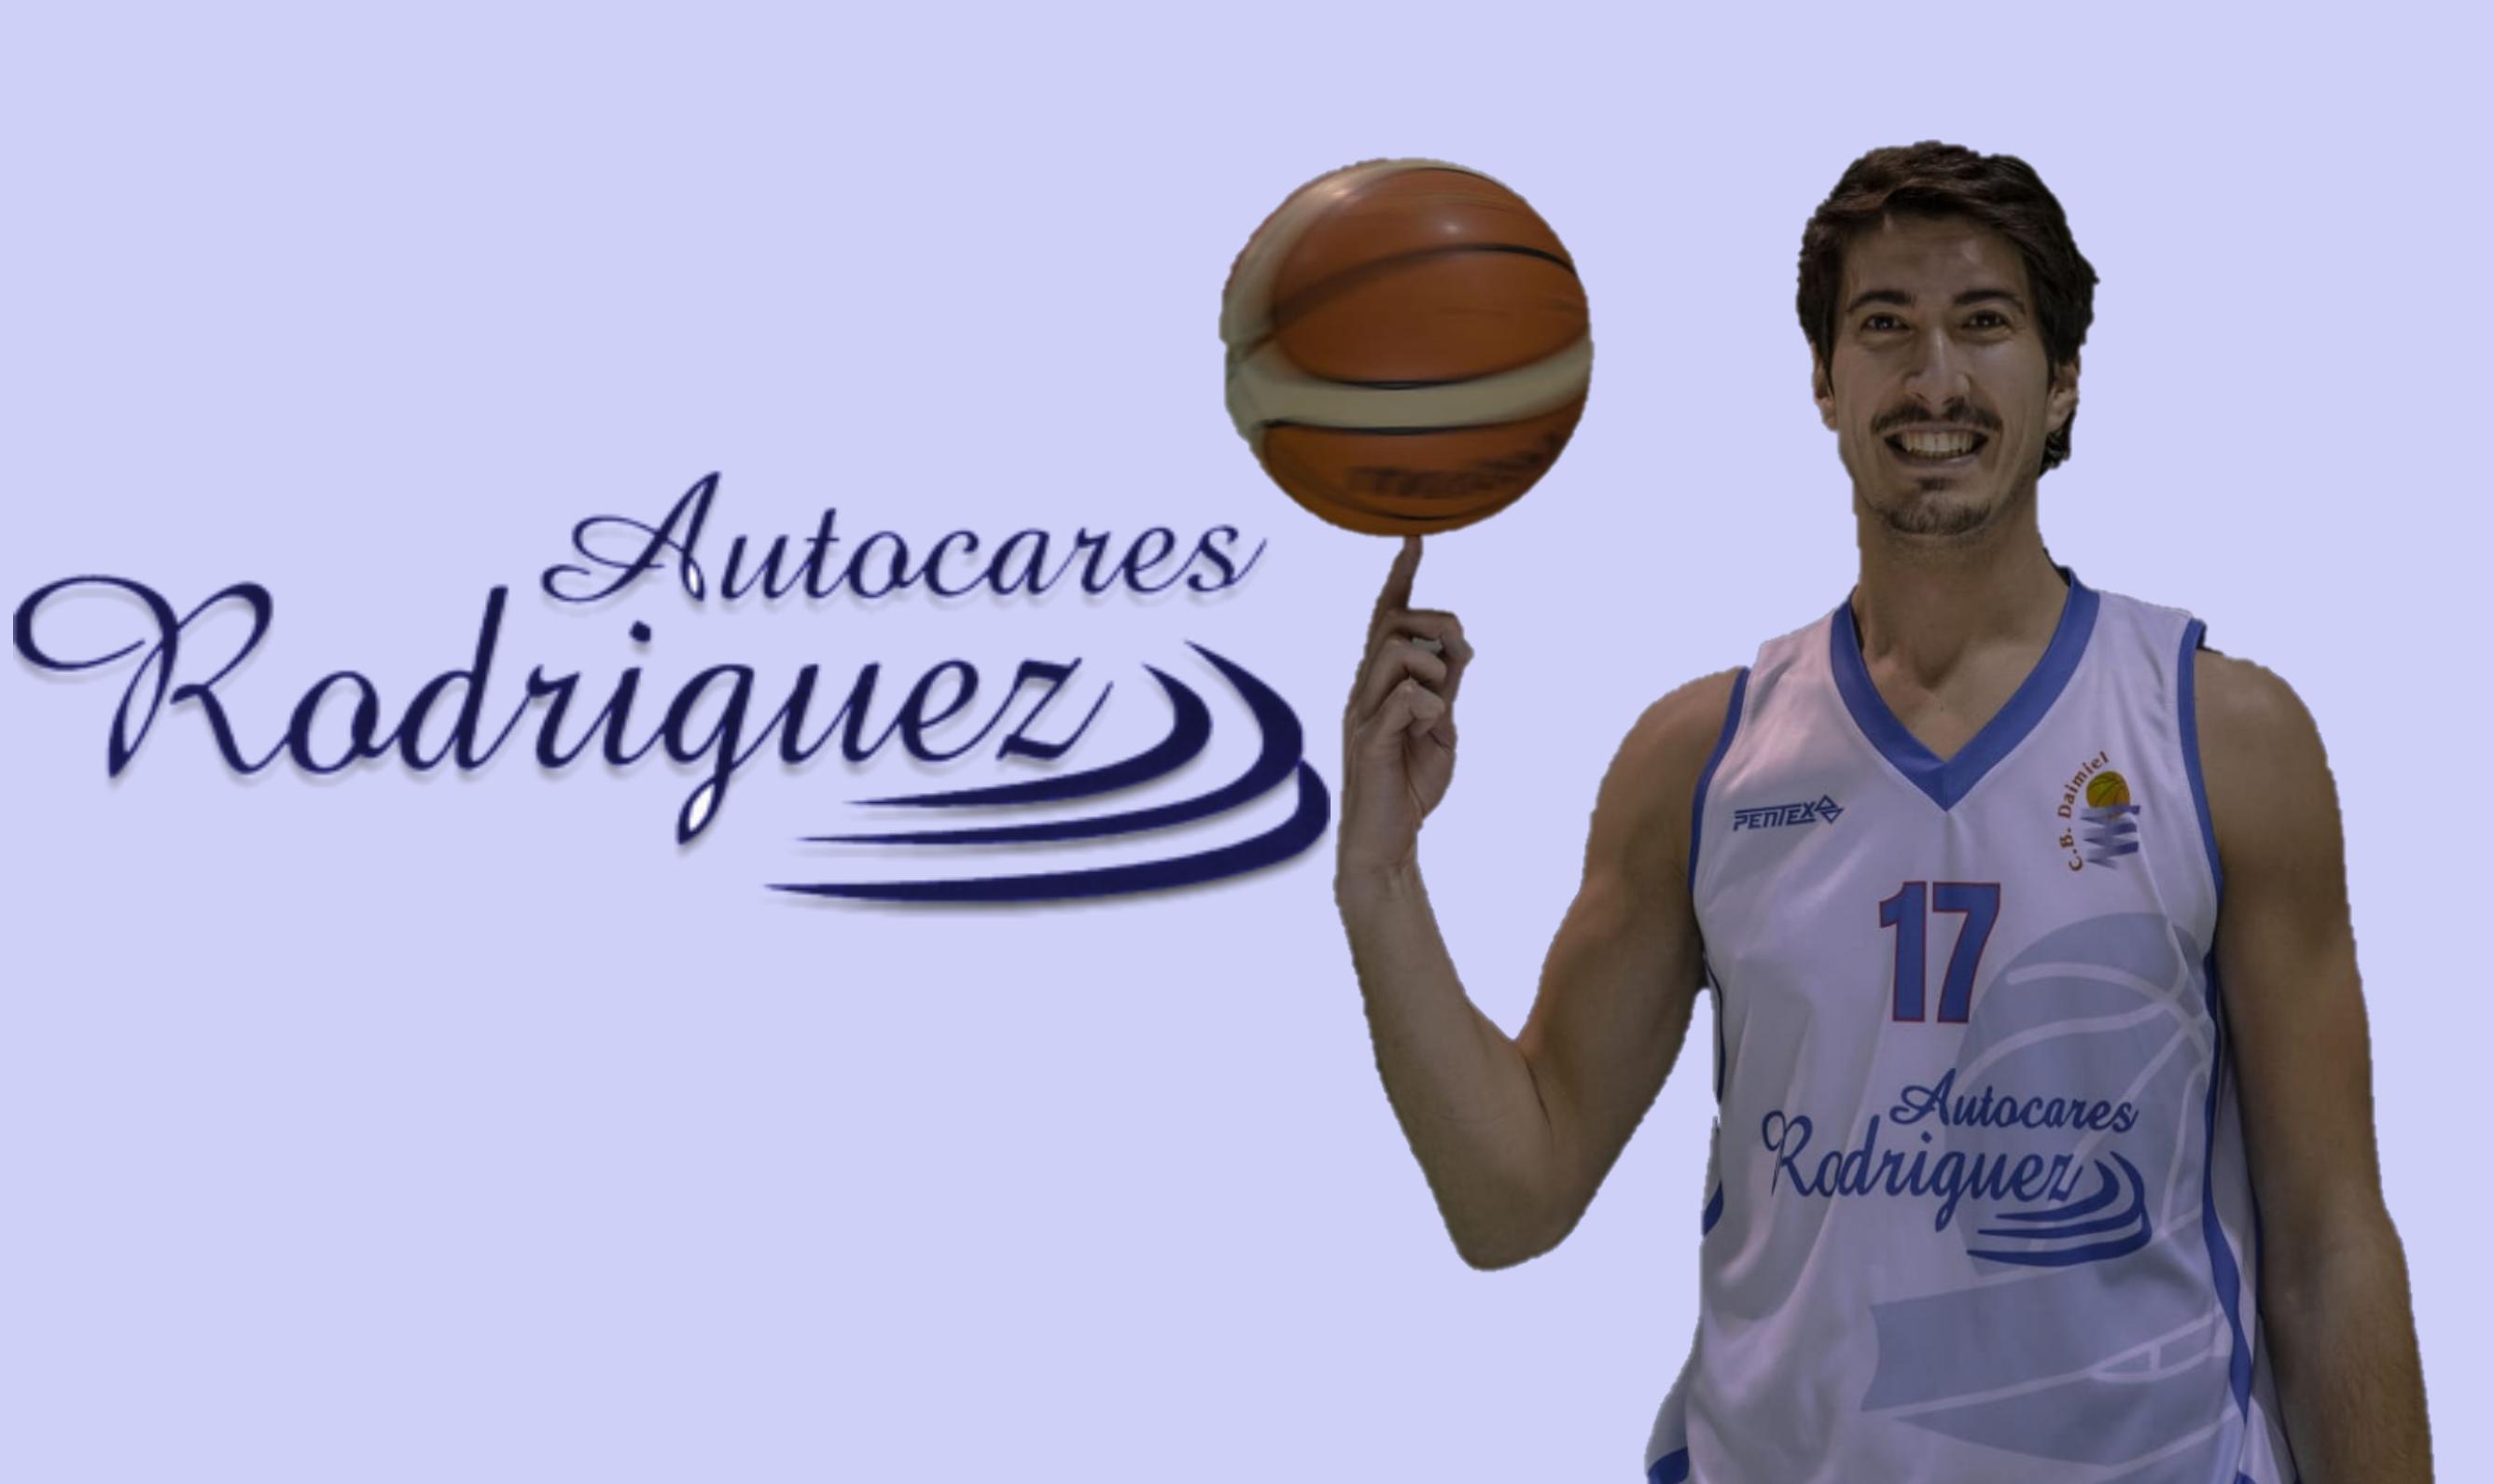 Vilches_autocares